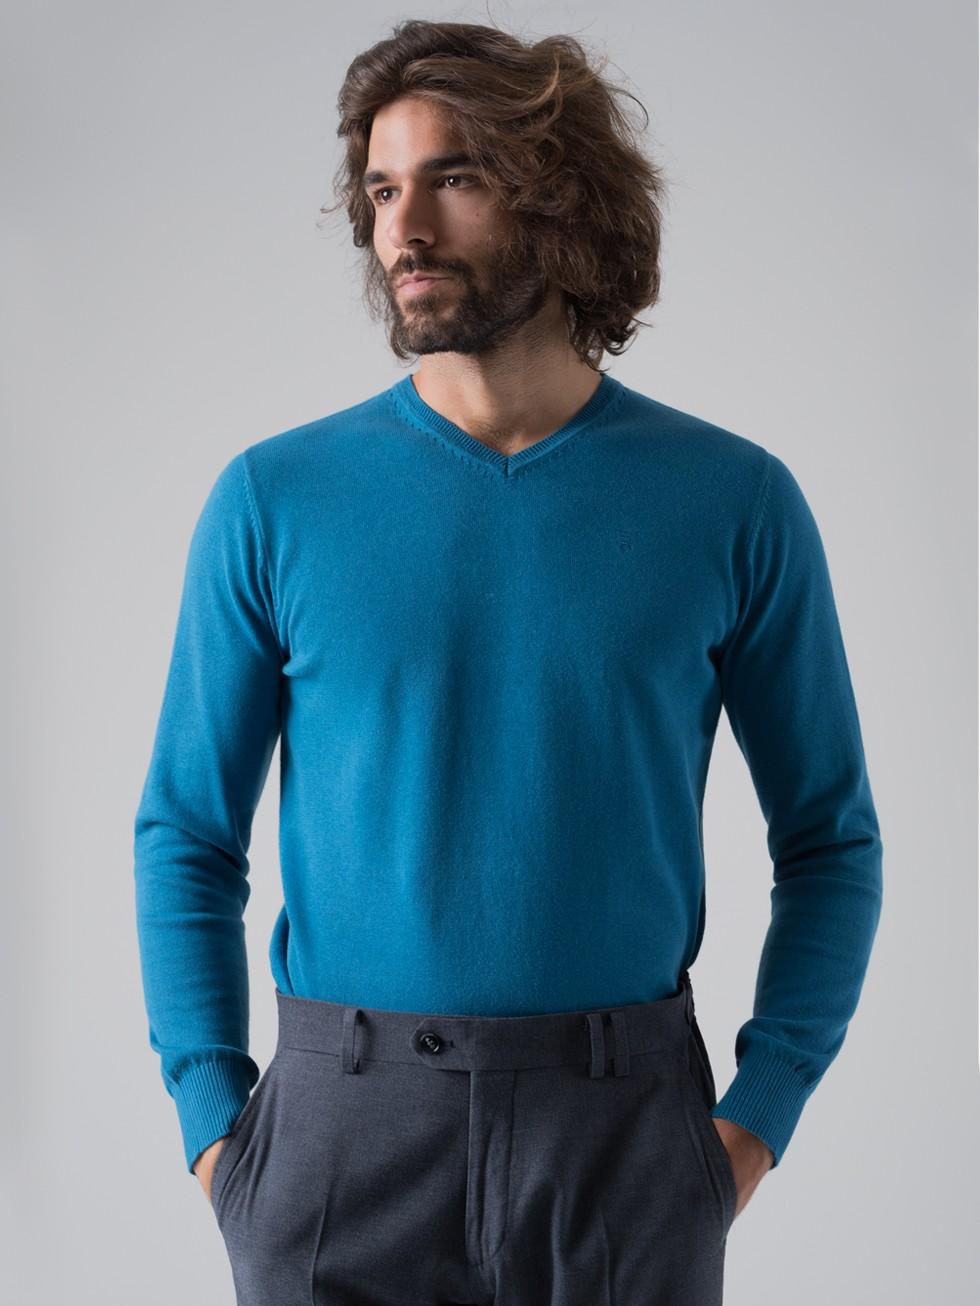 910aec2393766 Jersey hombre cuello pico aguamarino PuroEGO